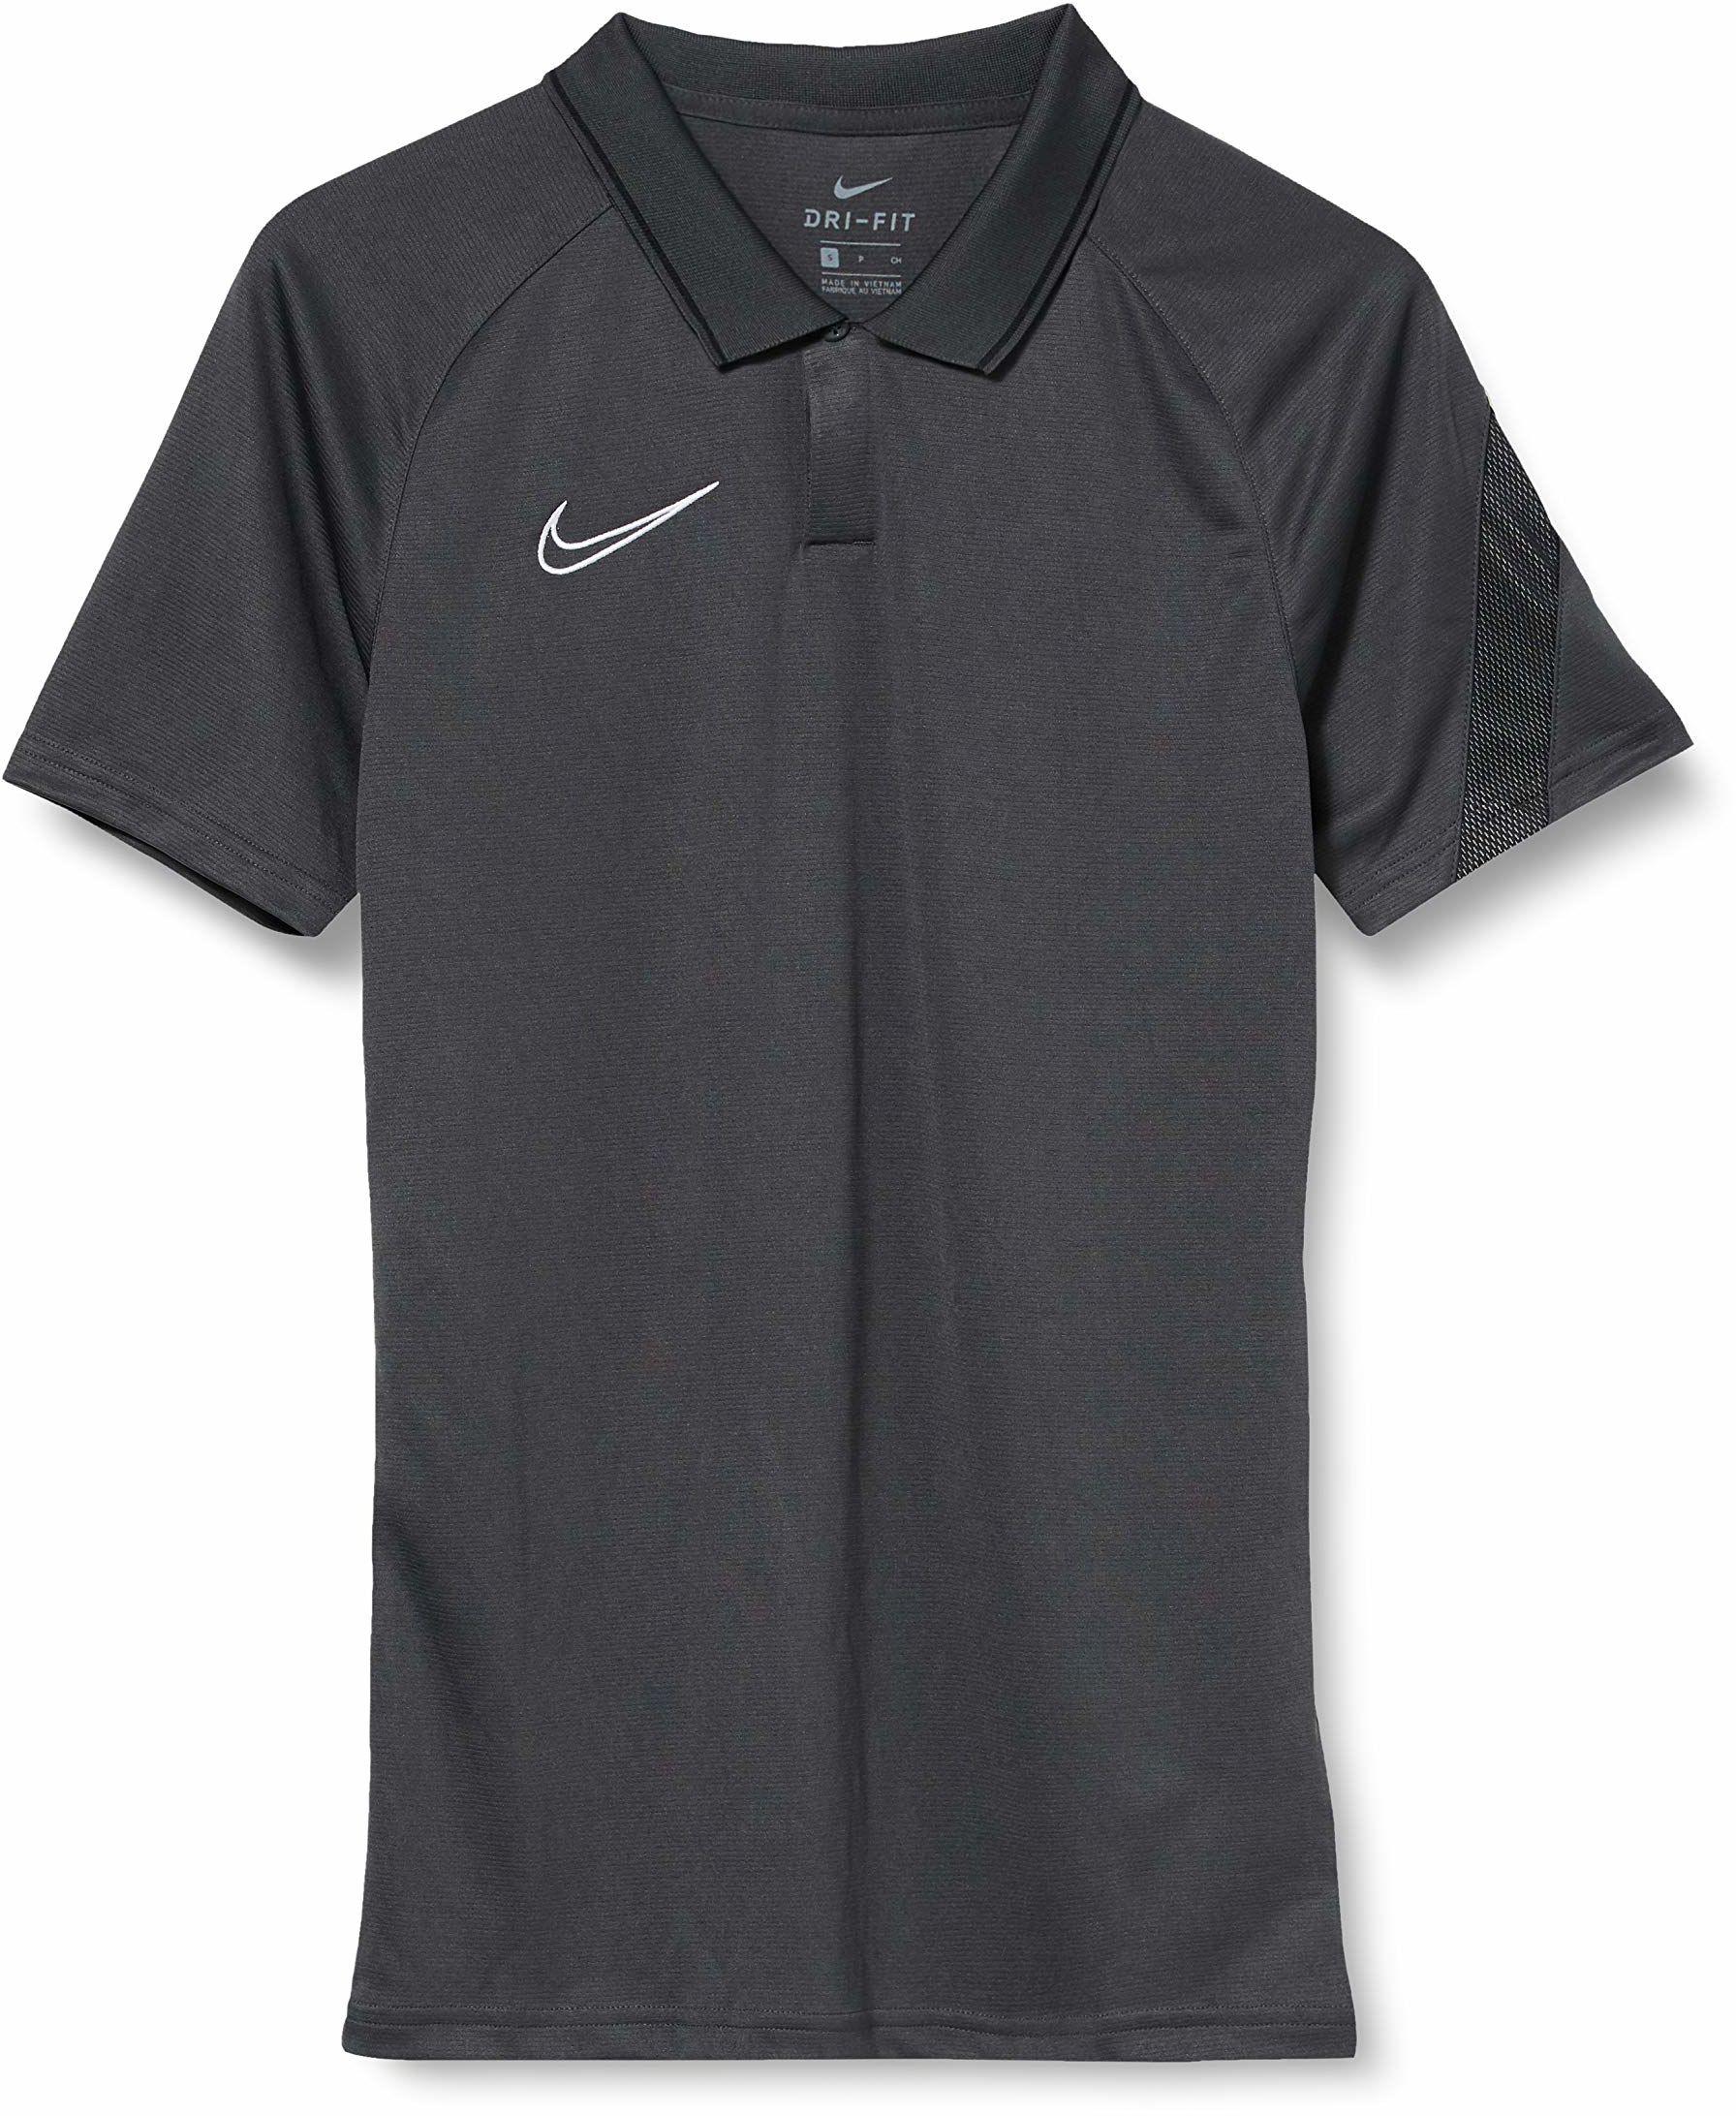 Nike męska koszulka polo Dri-fit Academy Pro Polo szary antracytowy/czarny/biały X-L